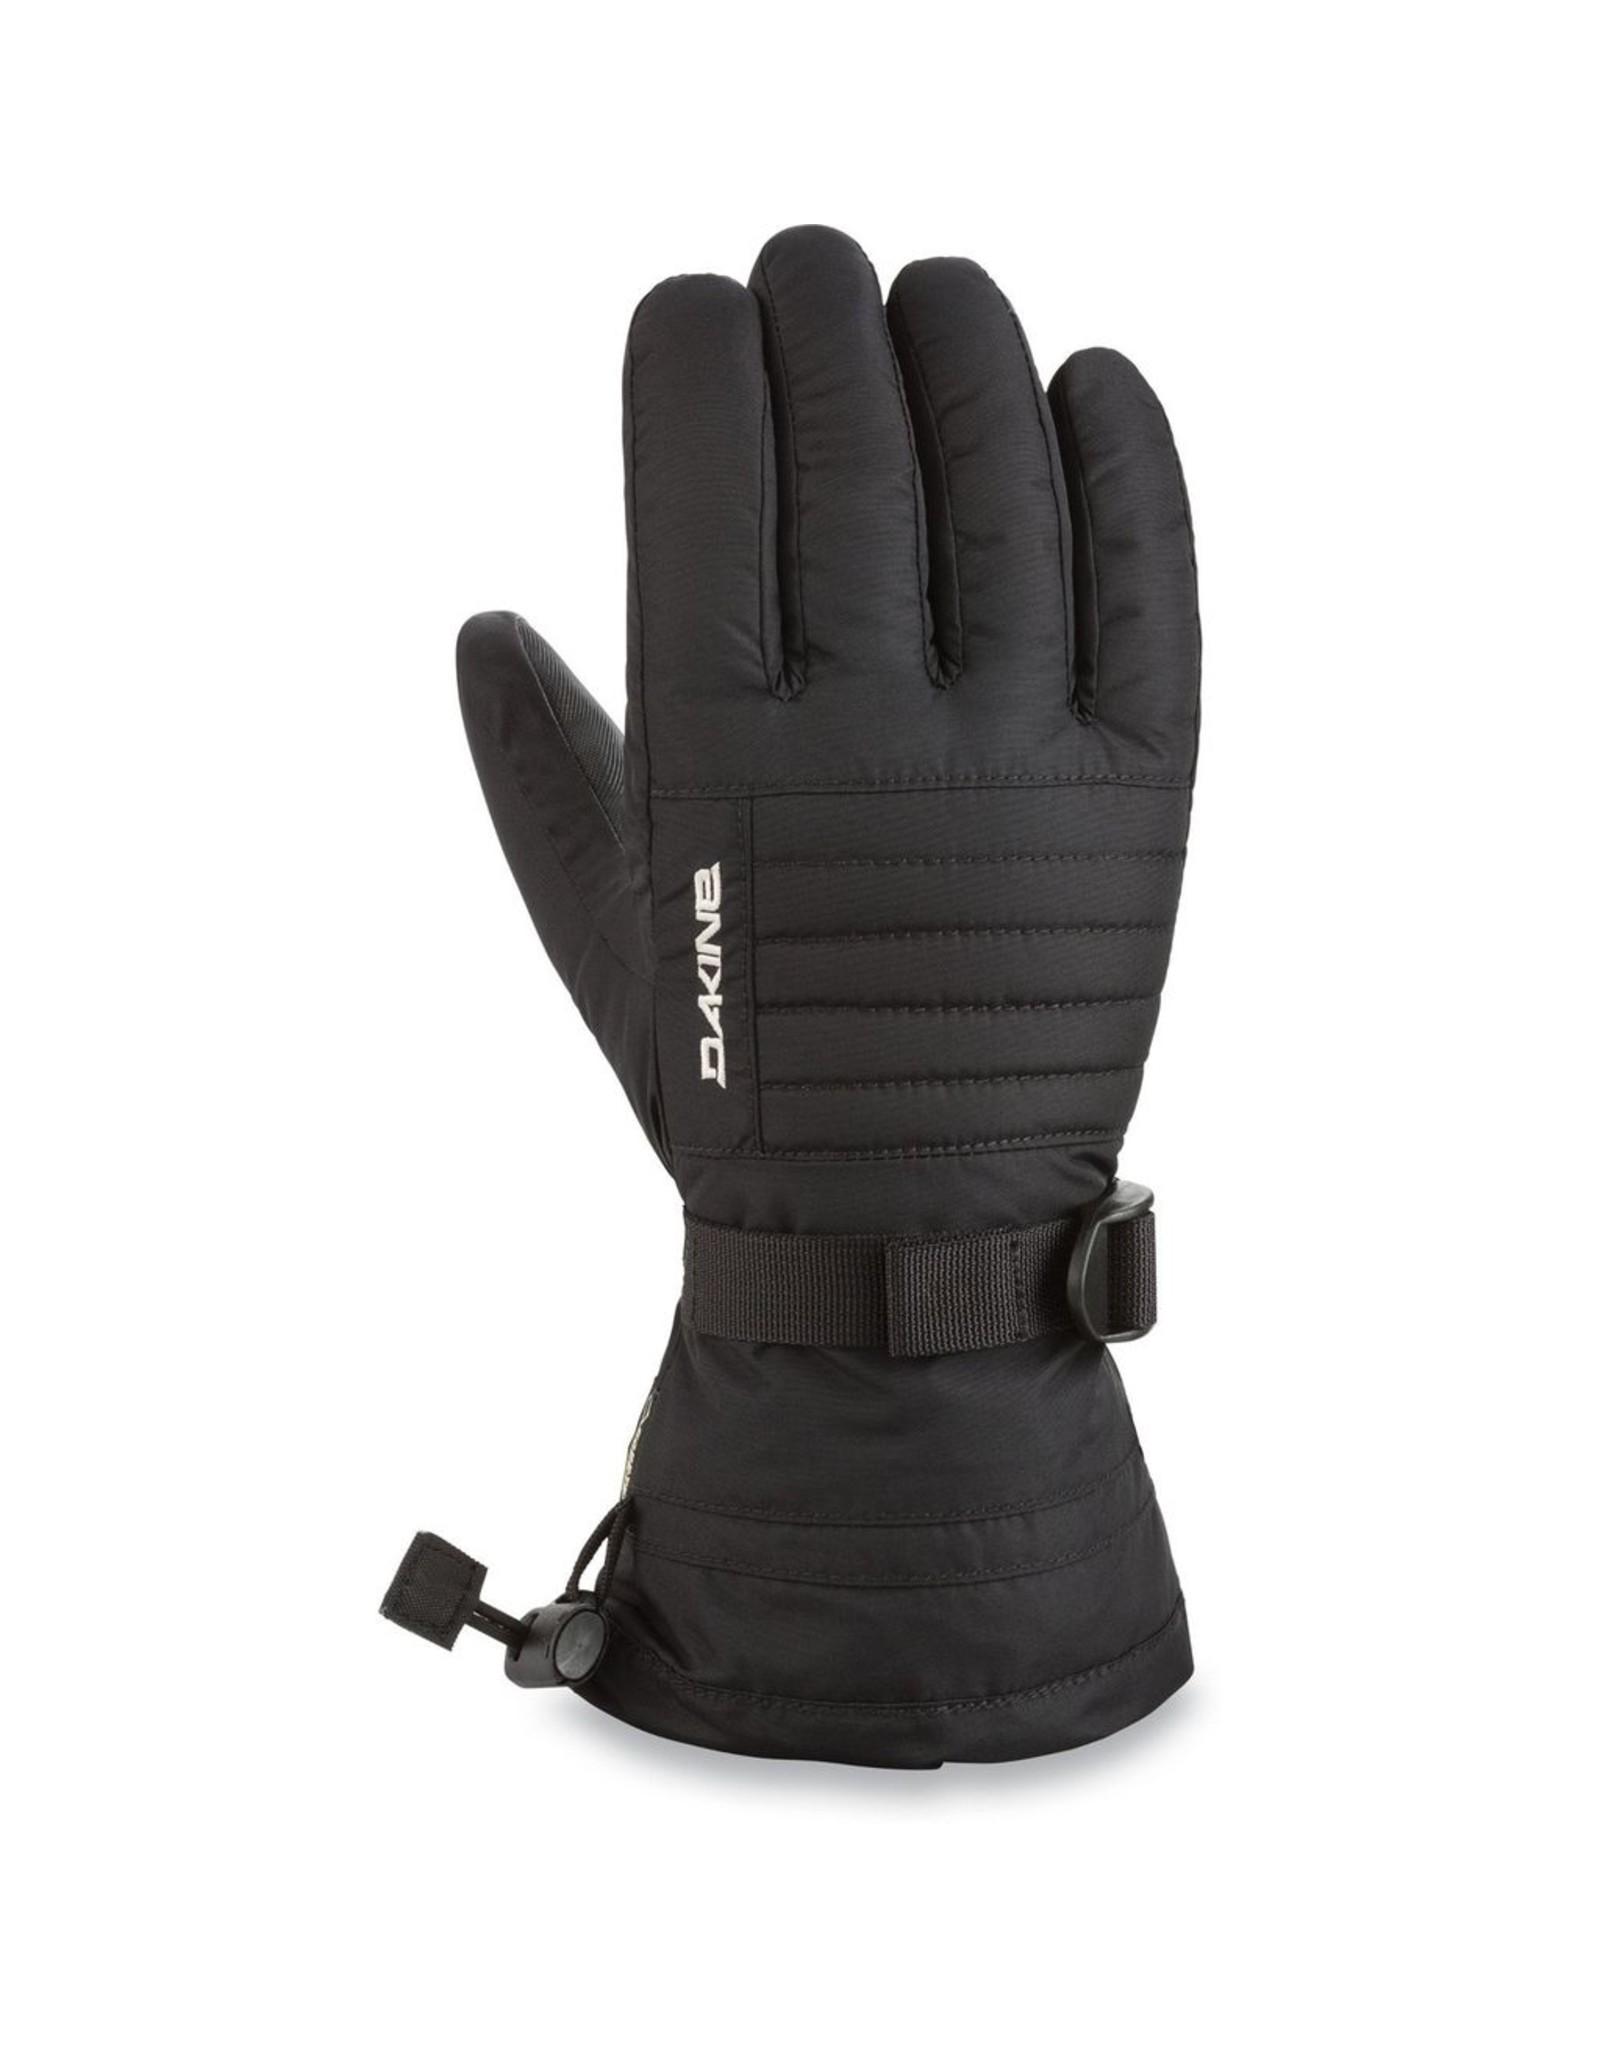 Dakine Dakine - Omni - S - Black - Glove